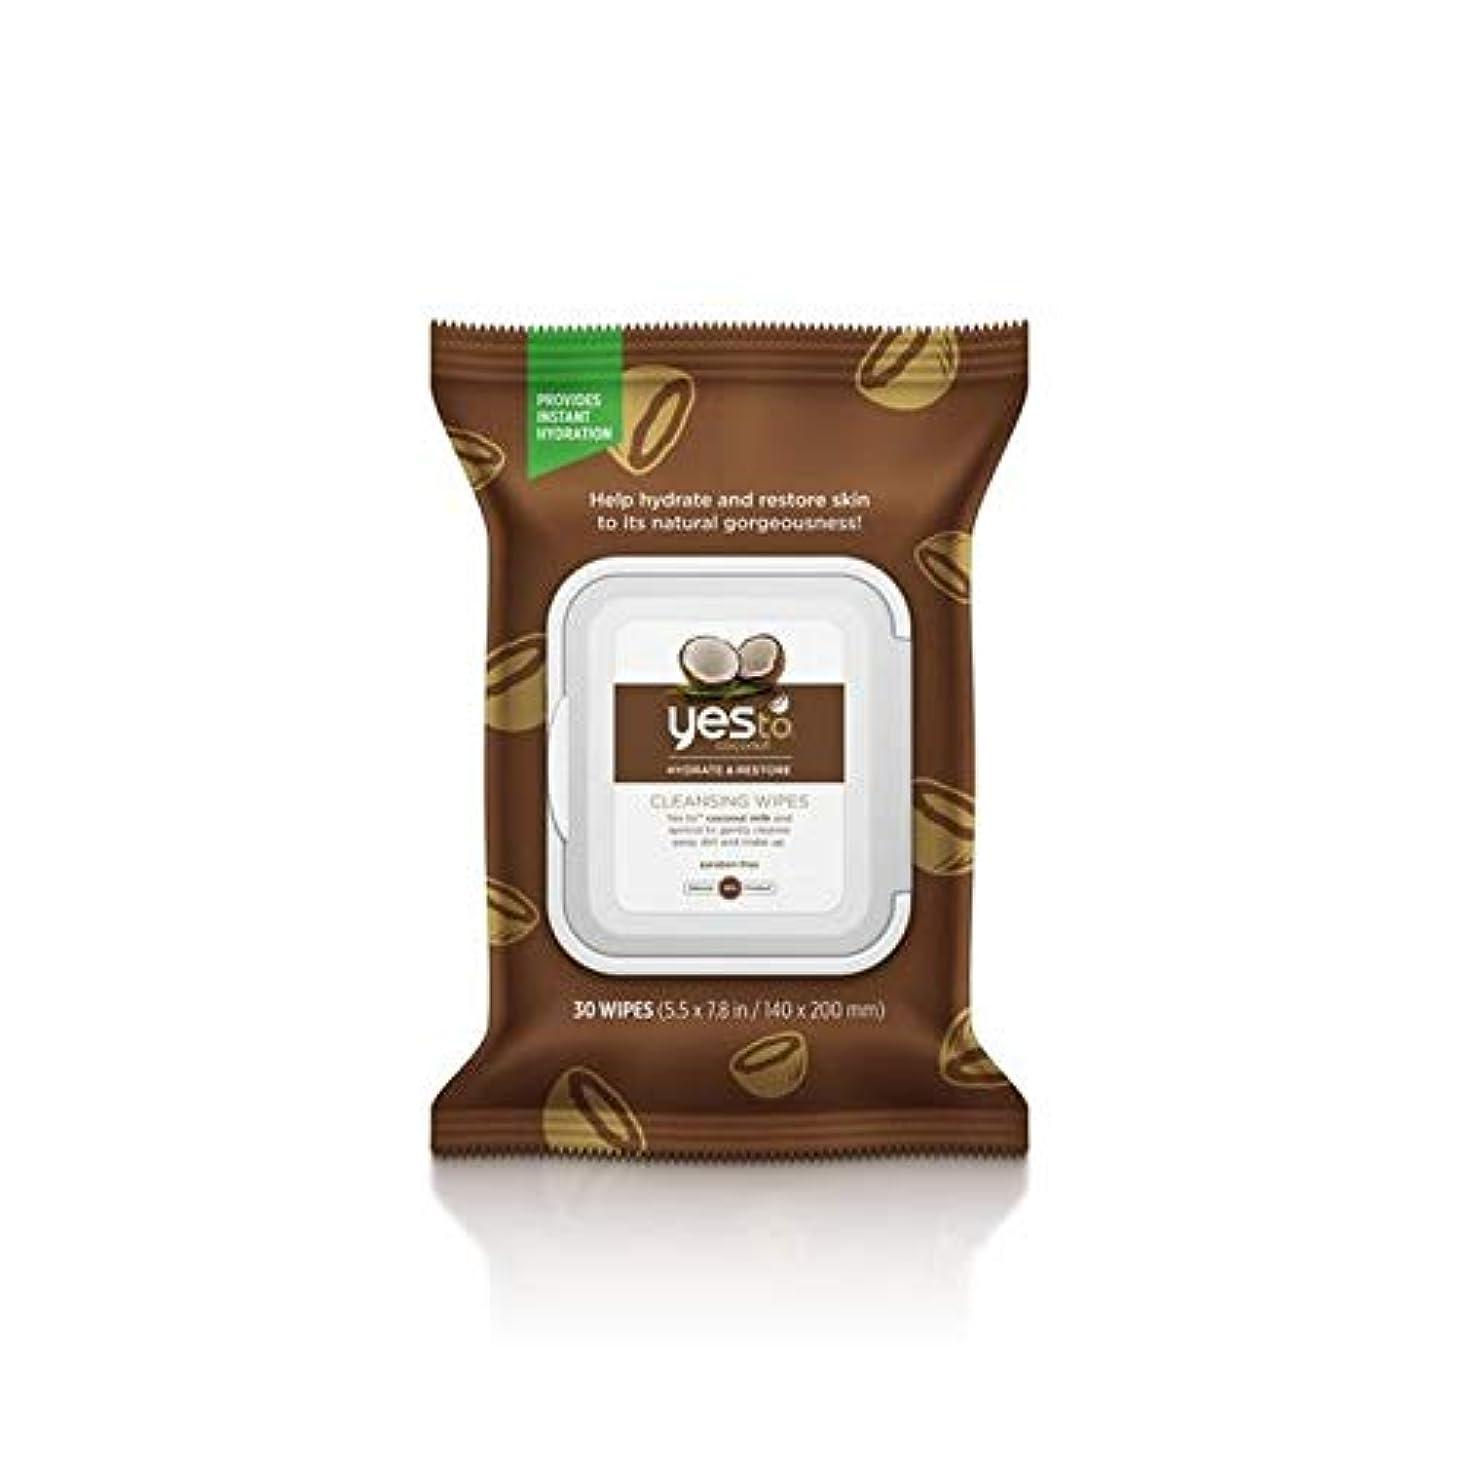 適応的レンダーメンタル[YES TO! ] はいココナッツクレンジング顔にパックあたり25ワイプ - Yes To Coconut Cleansing Face Wipes 25 per pack [並行輸入品]